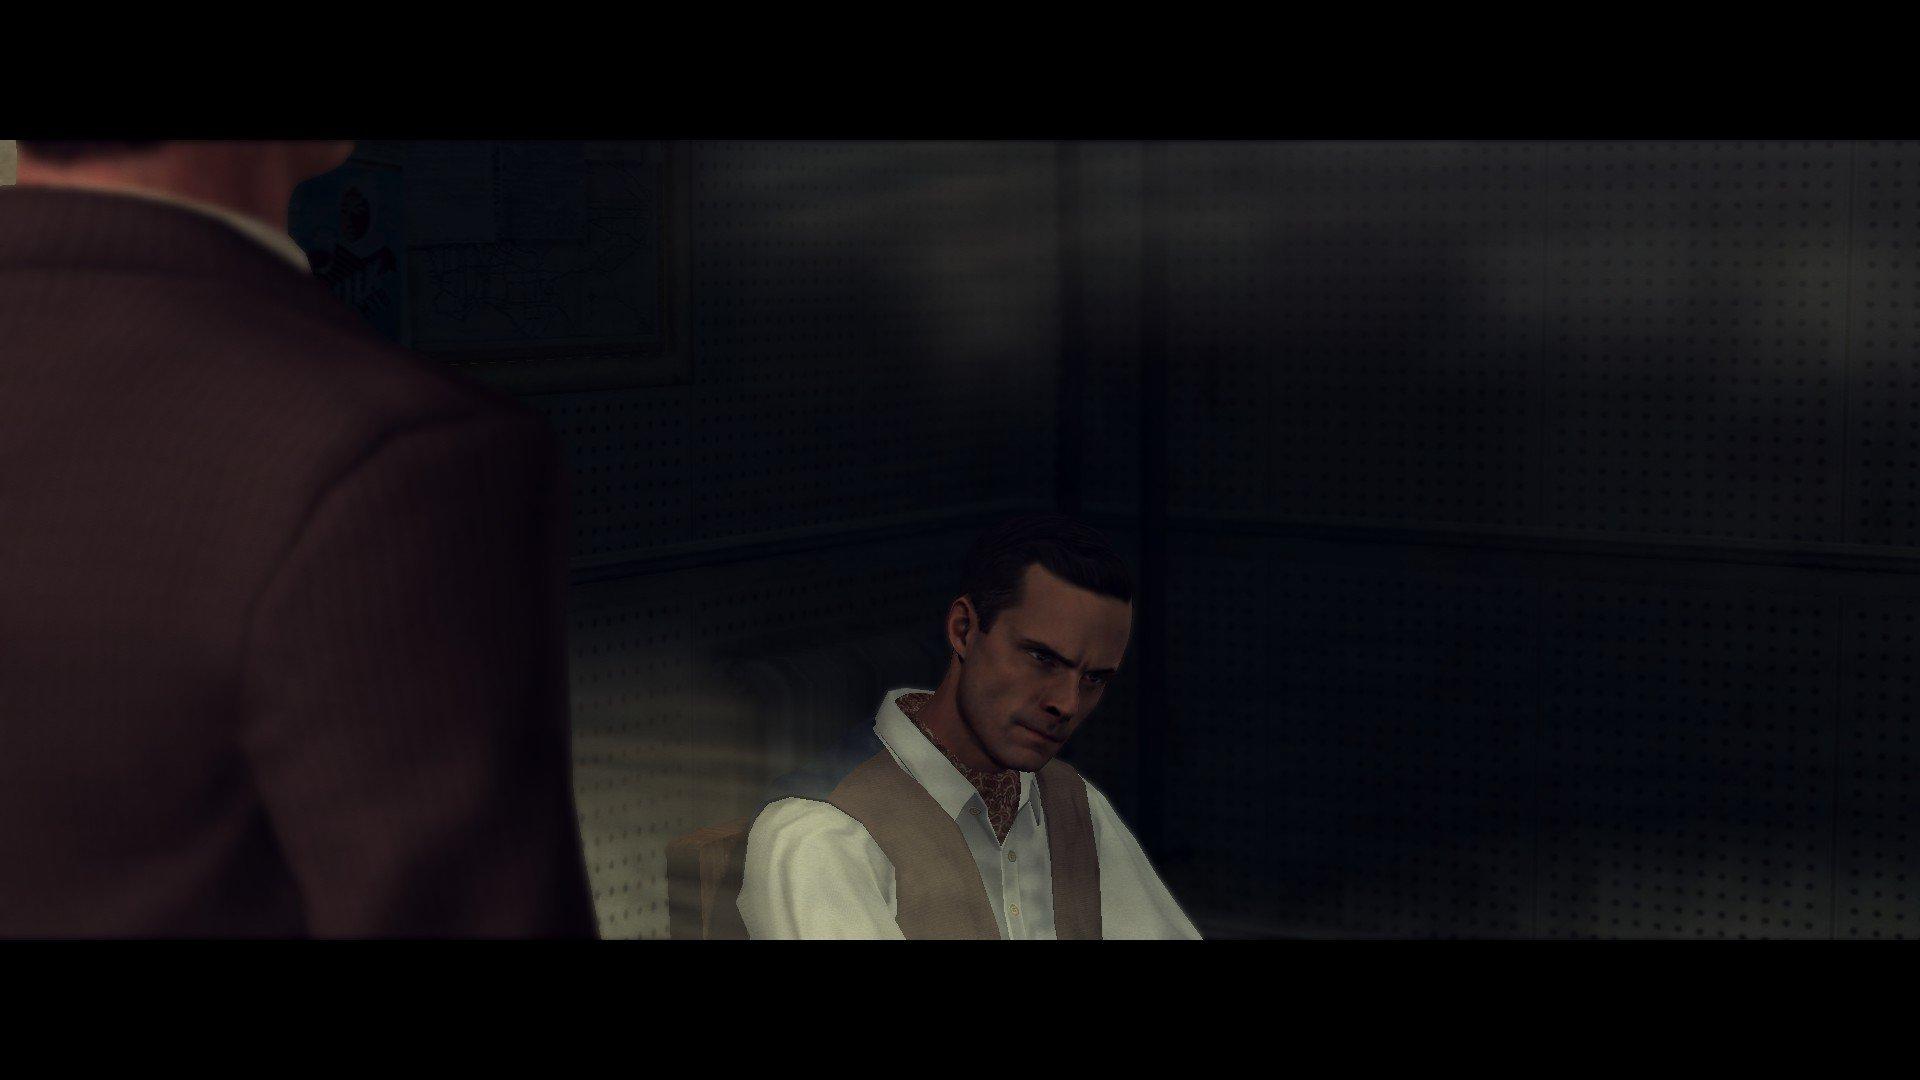 Пост-прохождение L.A. Noire Часть 12. - Изображение 59